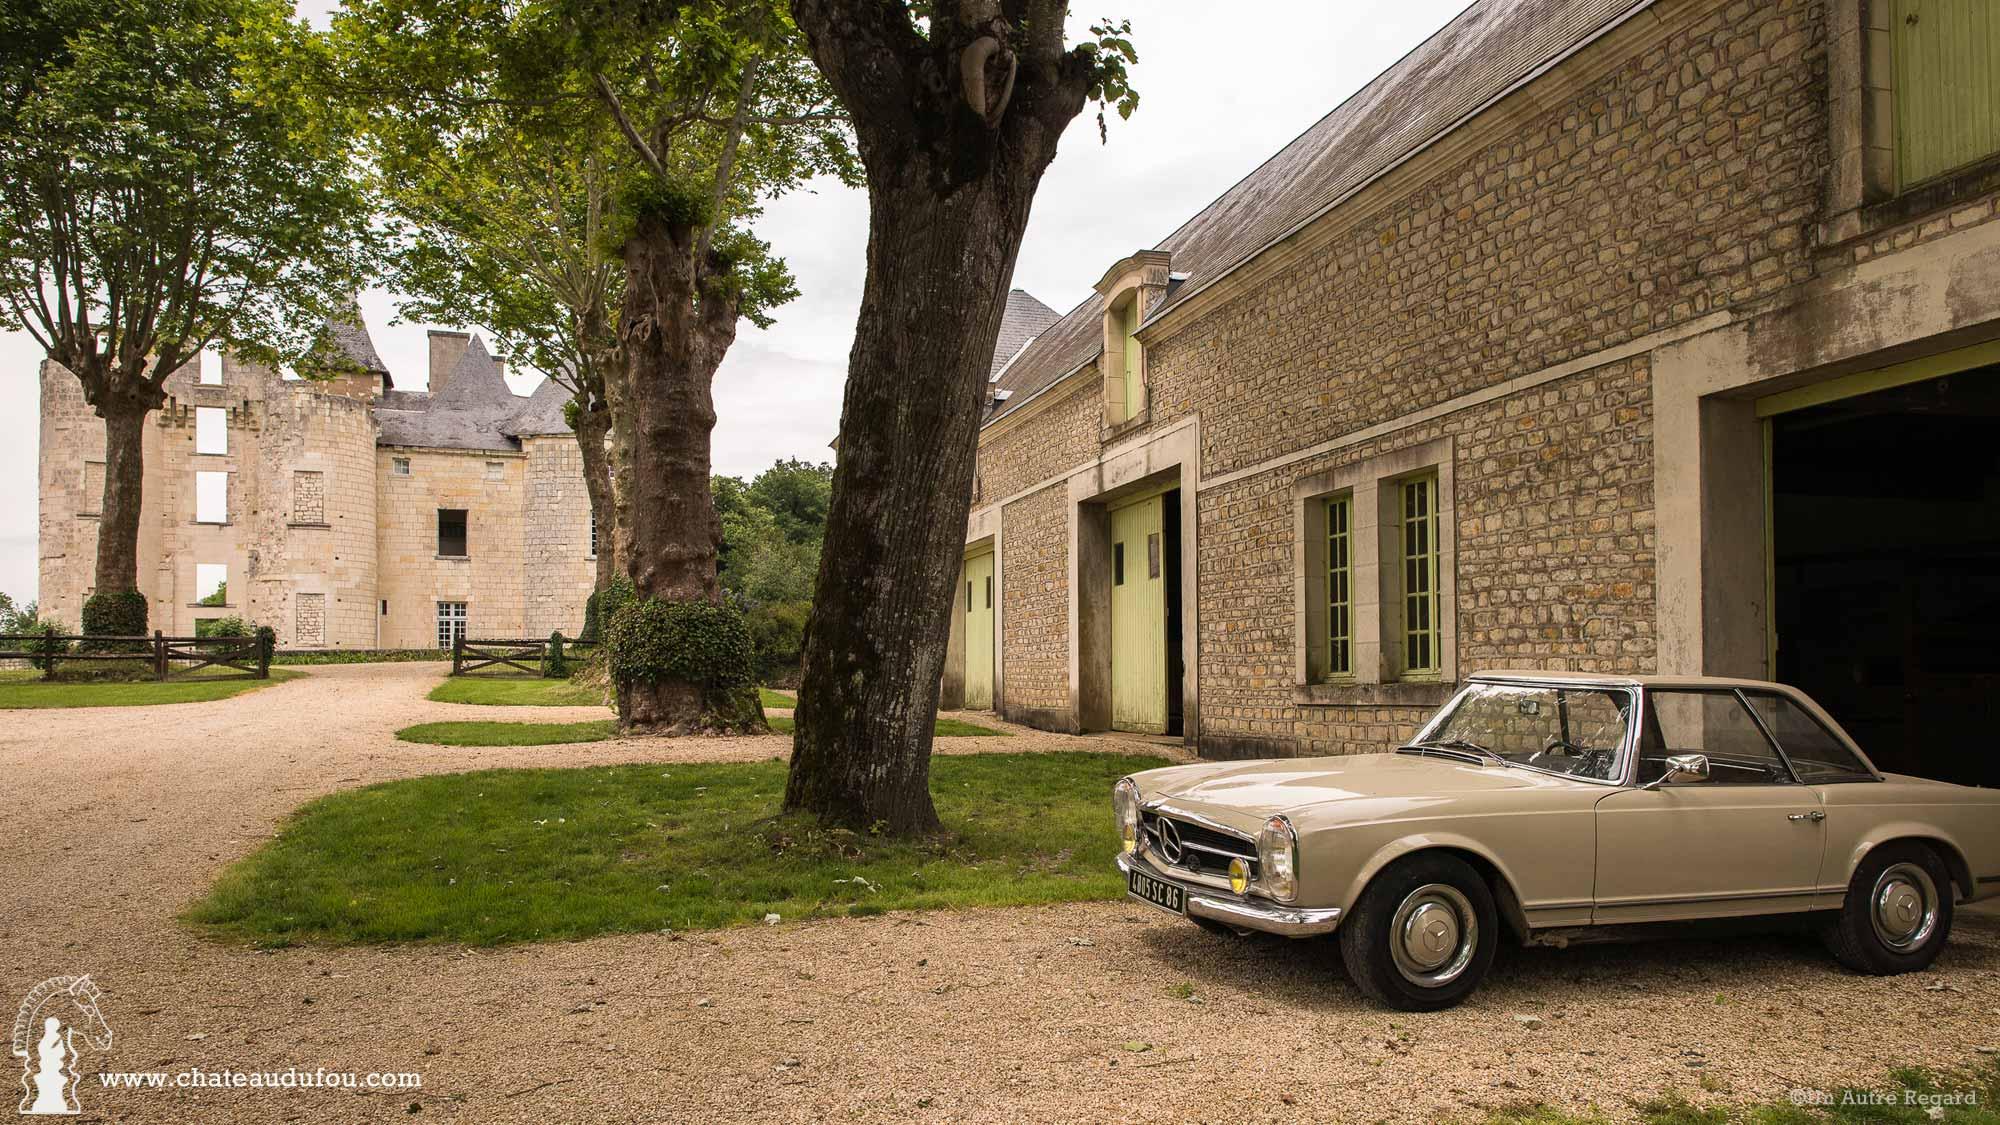 chateau-du-fou-salle-de-reception-tours-09.jpg